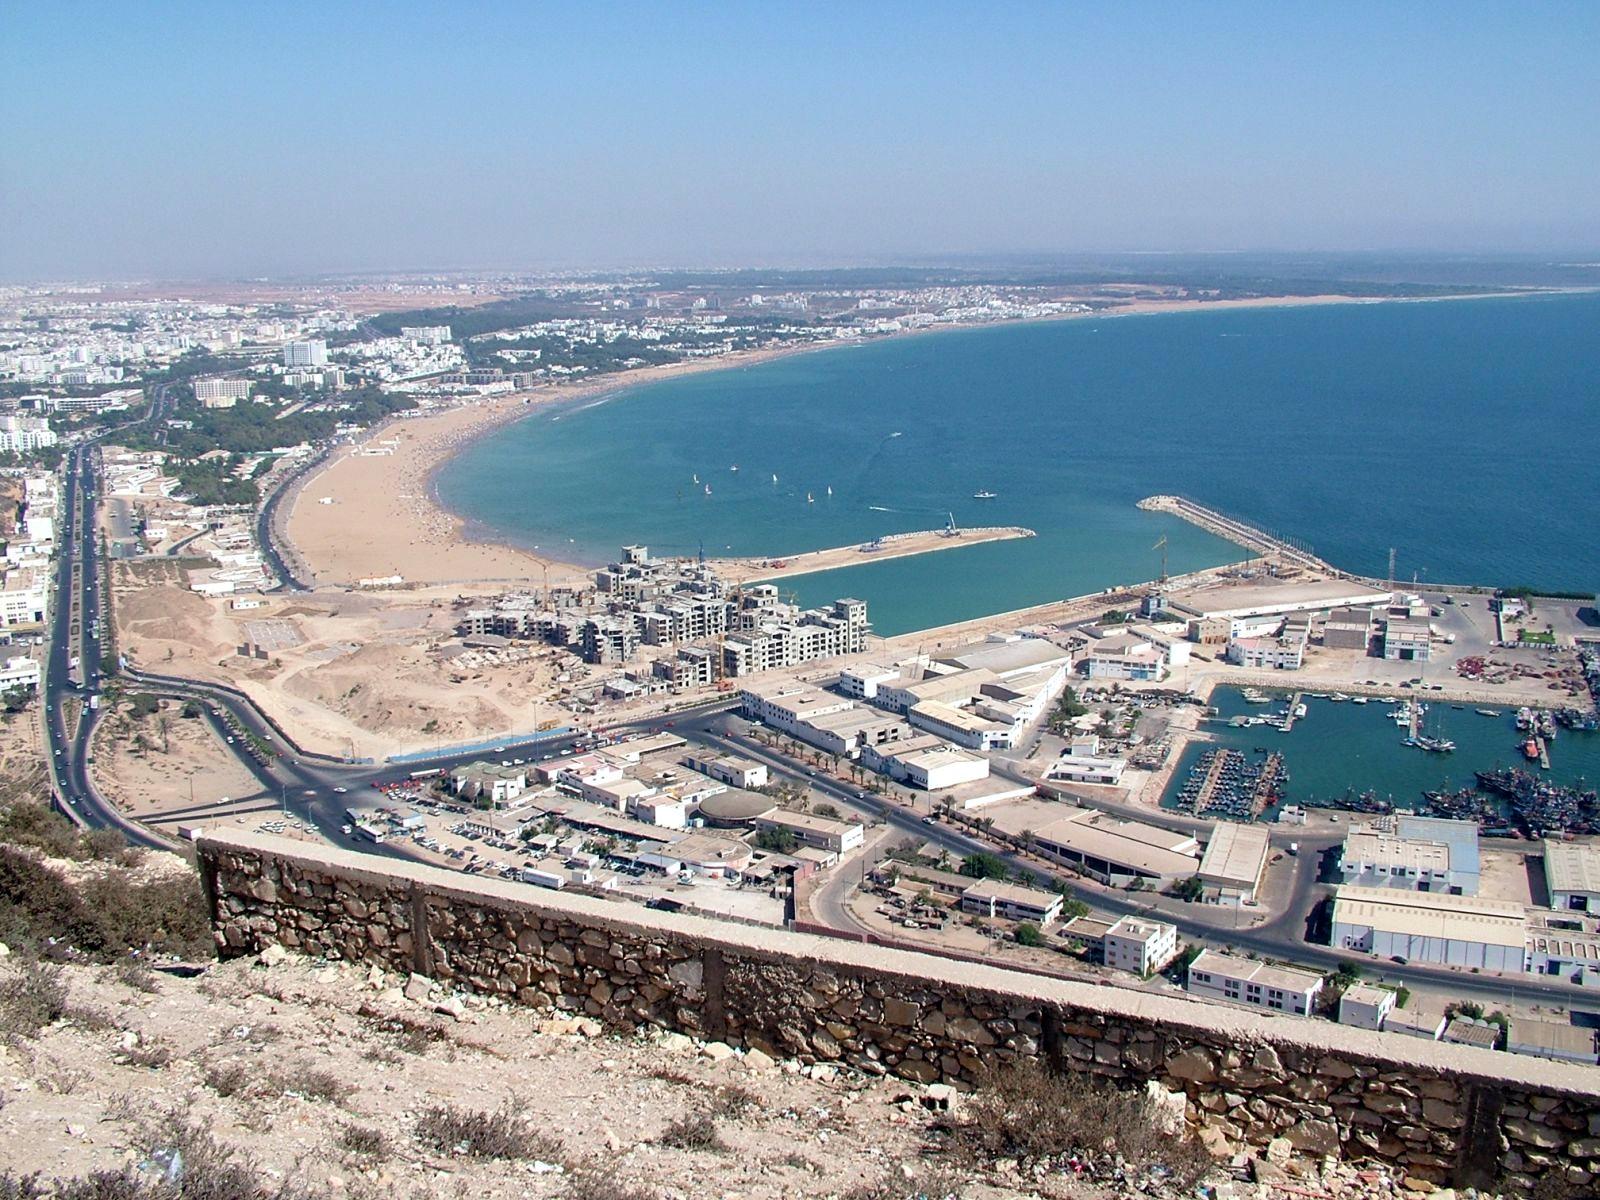 اكتشف المغرب في عشر دقائق  من أمواج الاندلس Agadir%2CMorocco